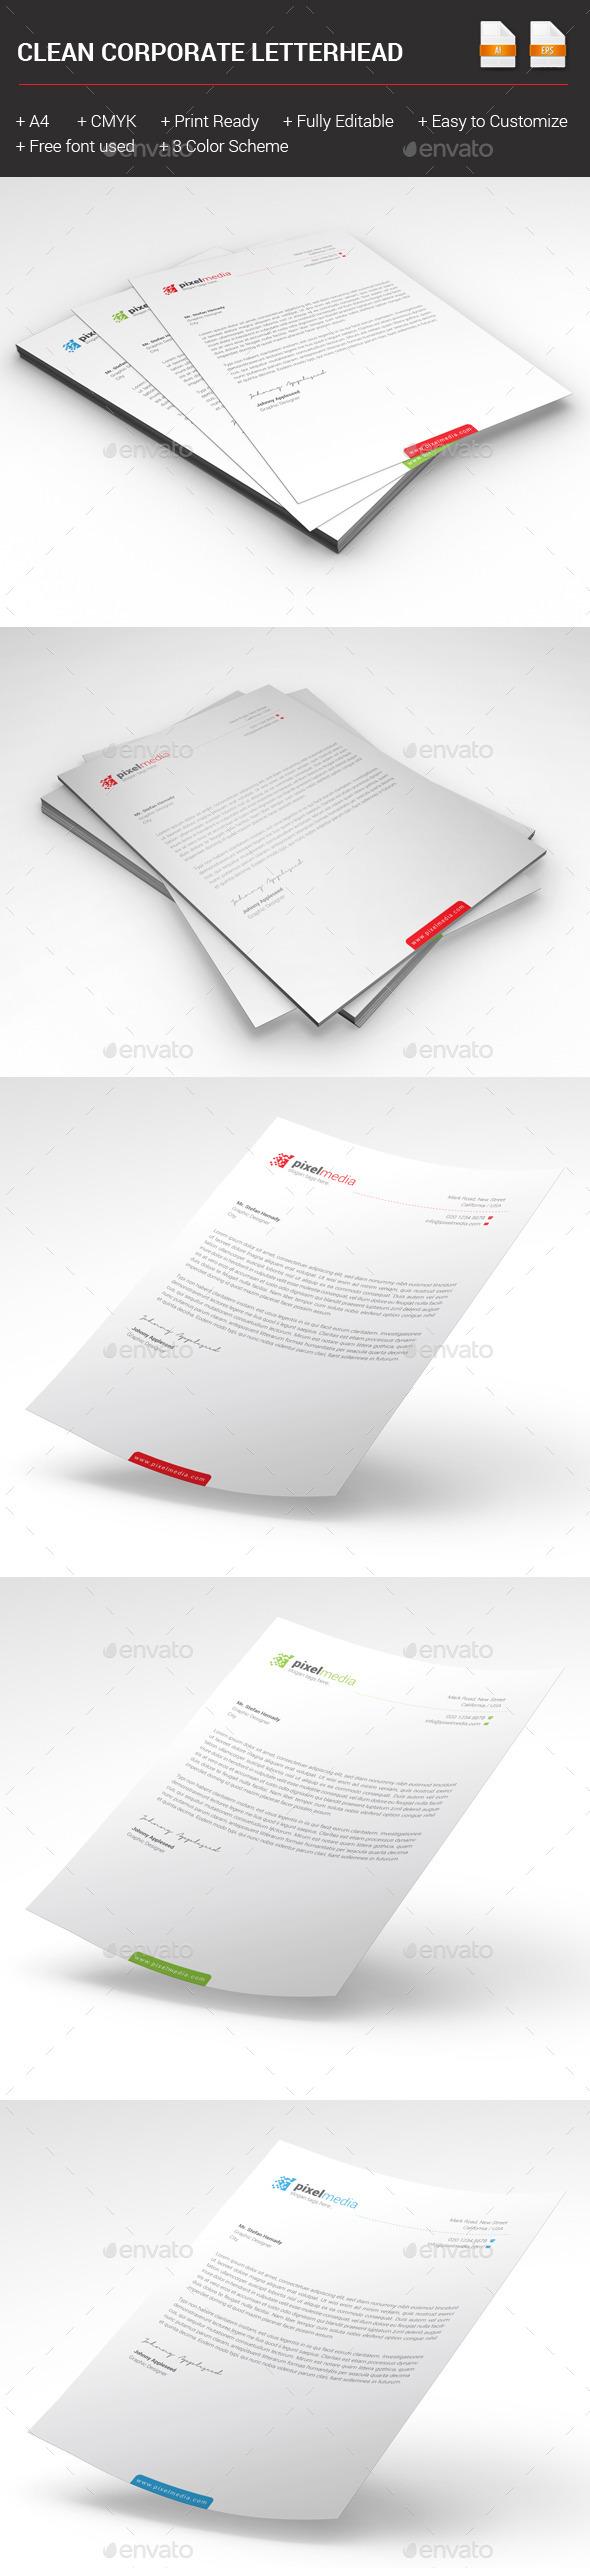 GraphicRiver Clean Corporate Letterhead 10240599